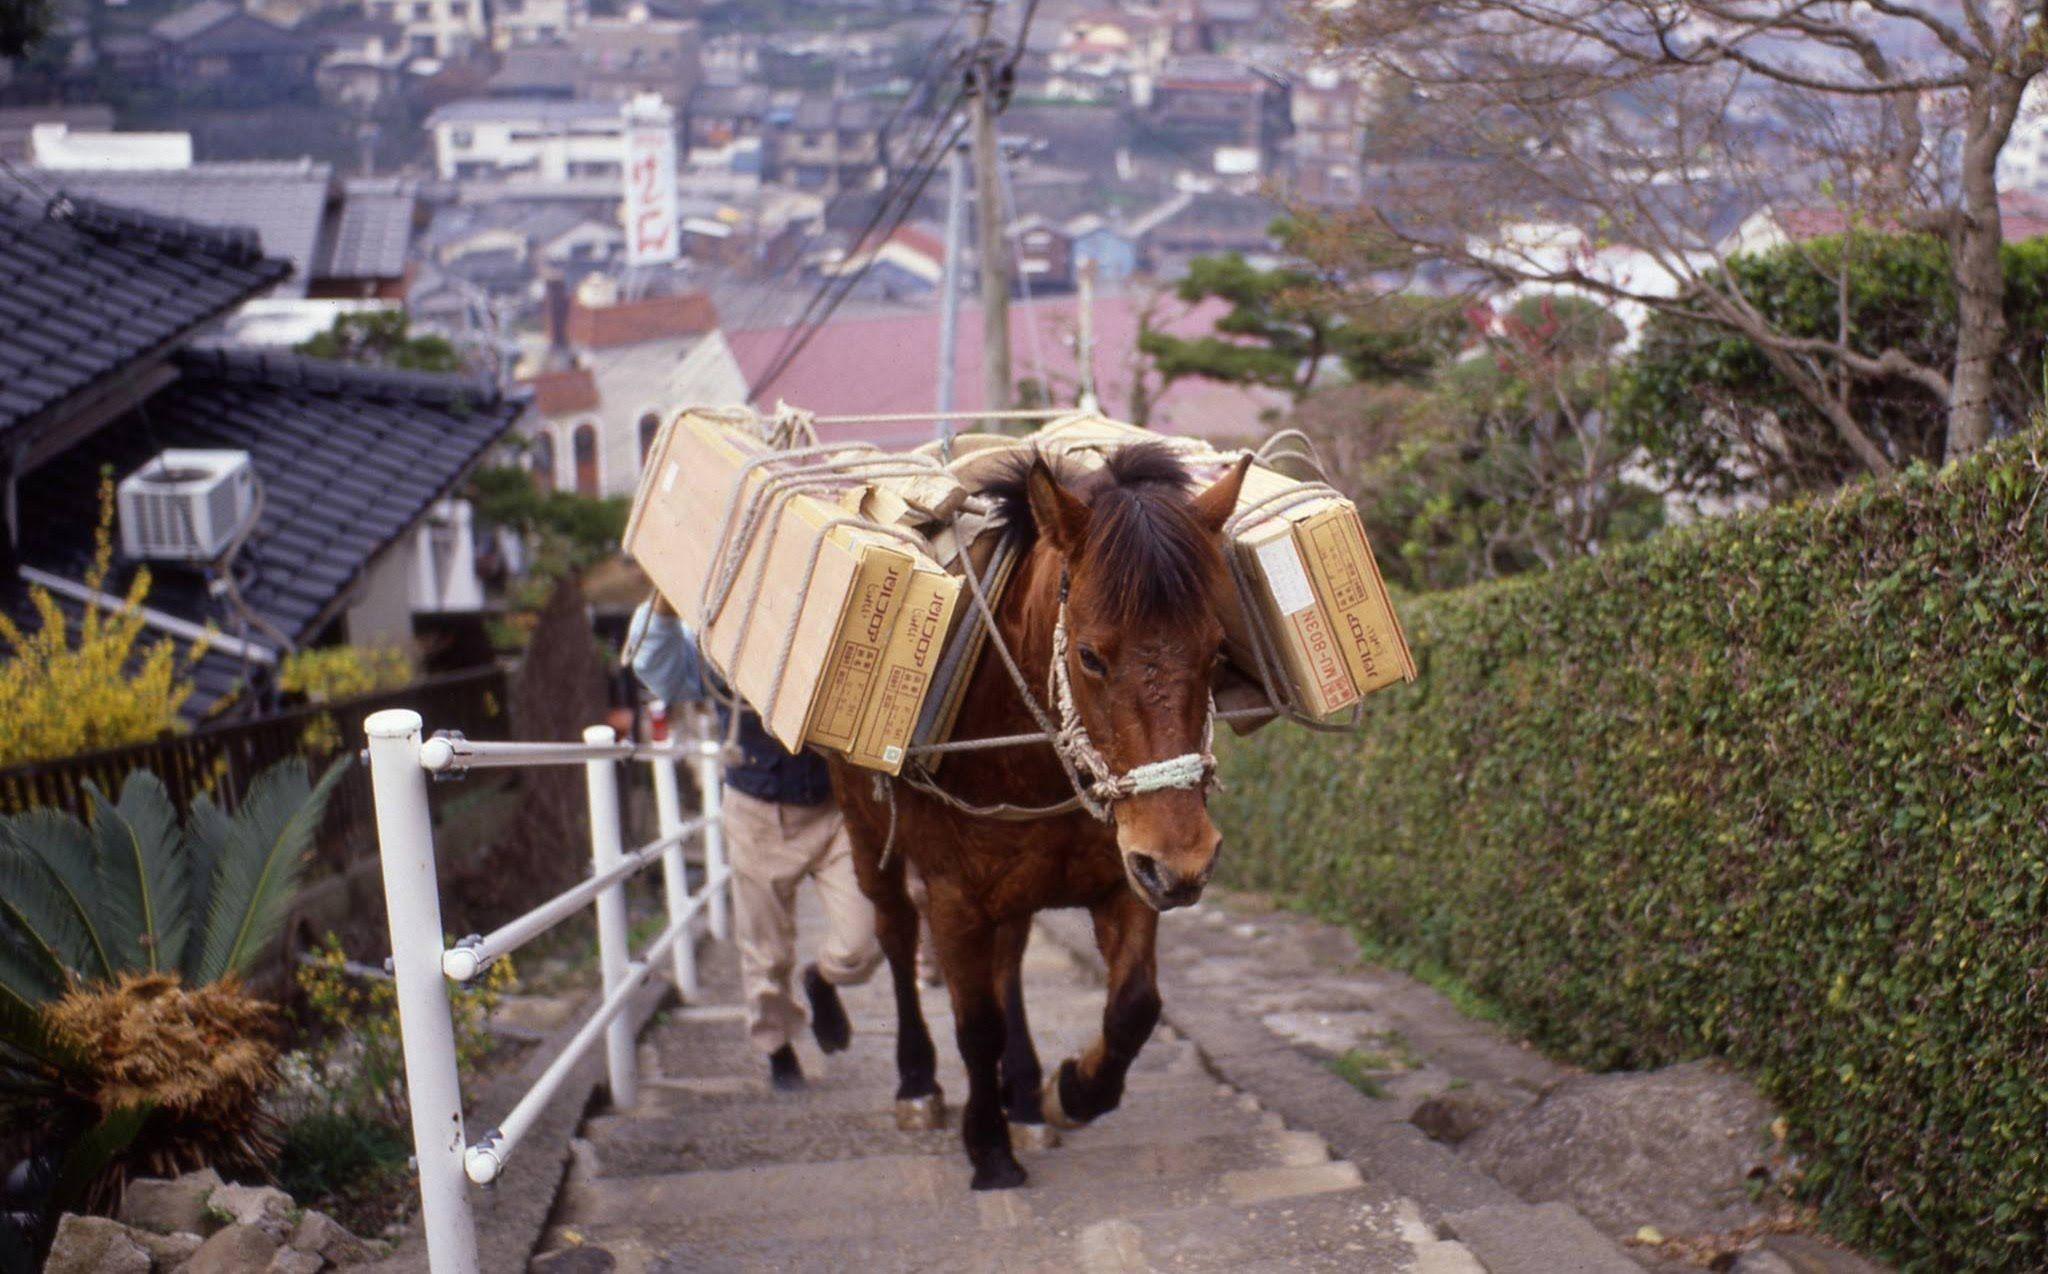 長崎の坂段で荷運びをする対州馬と その生まれ故郷 対馬での様子 対馬 長崎 馬